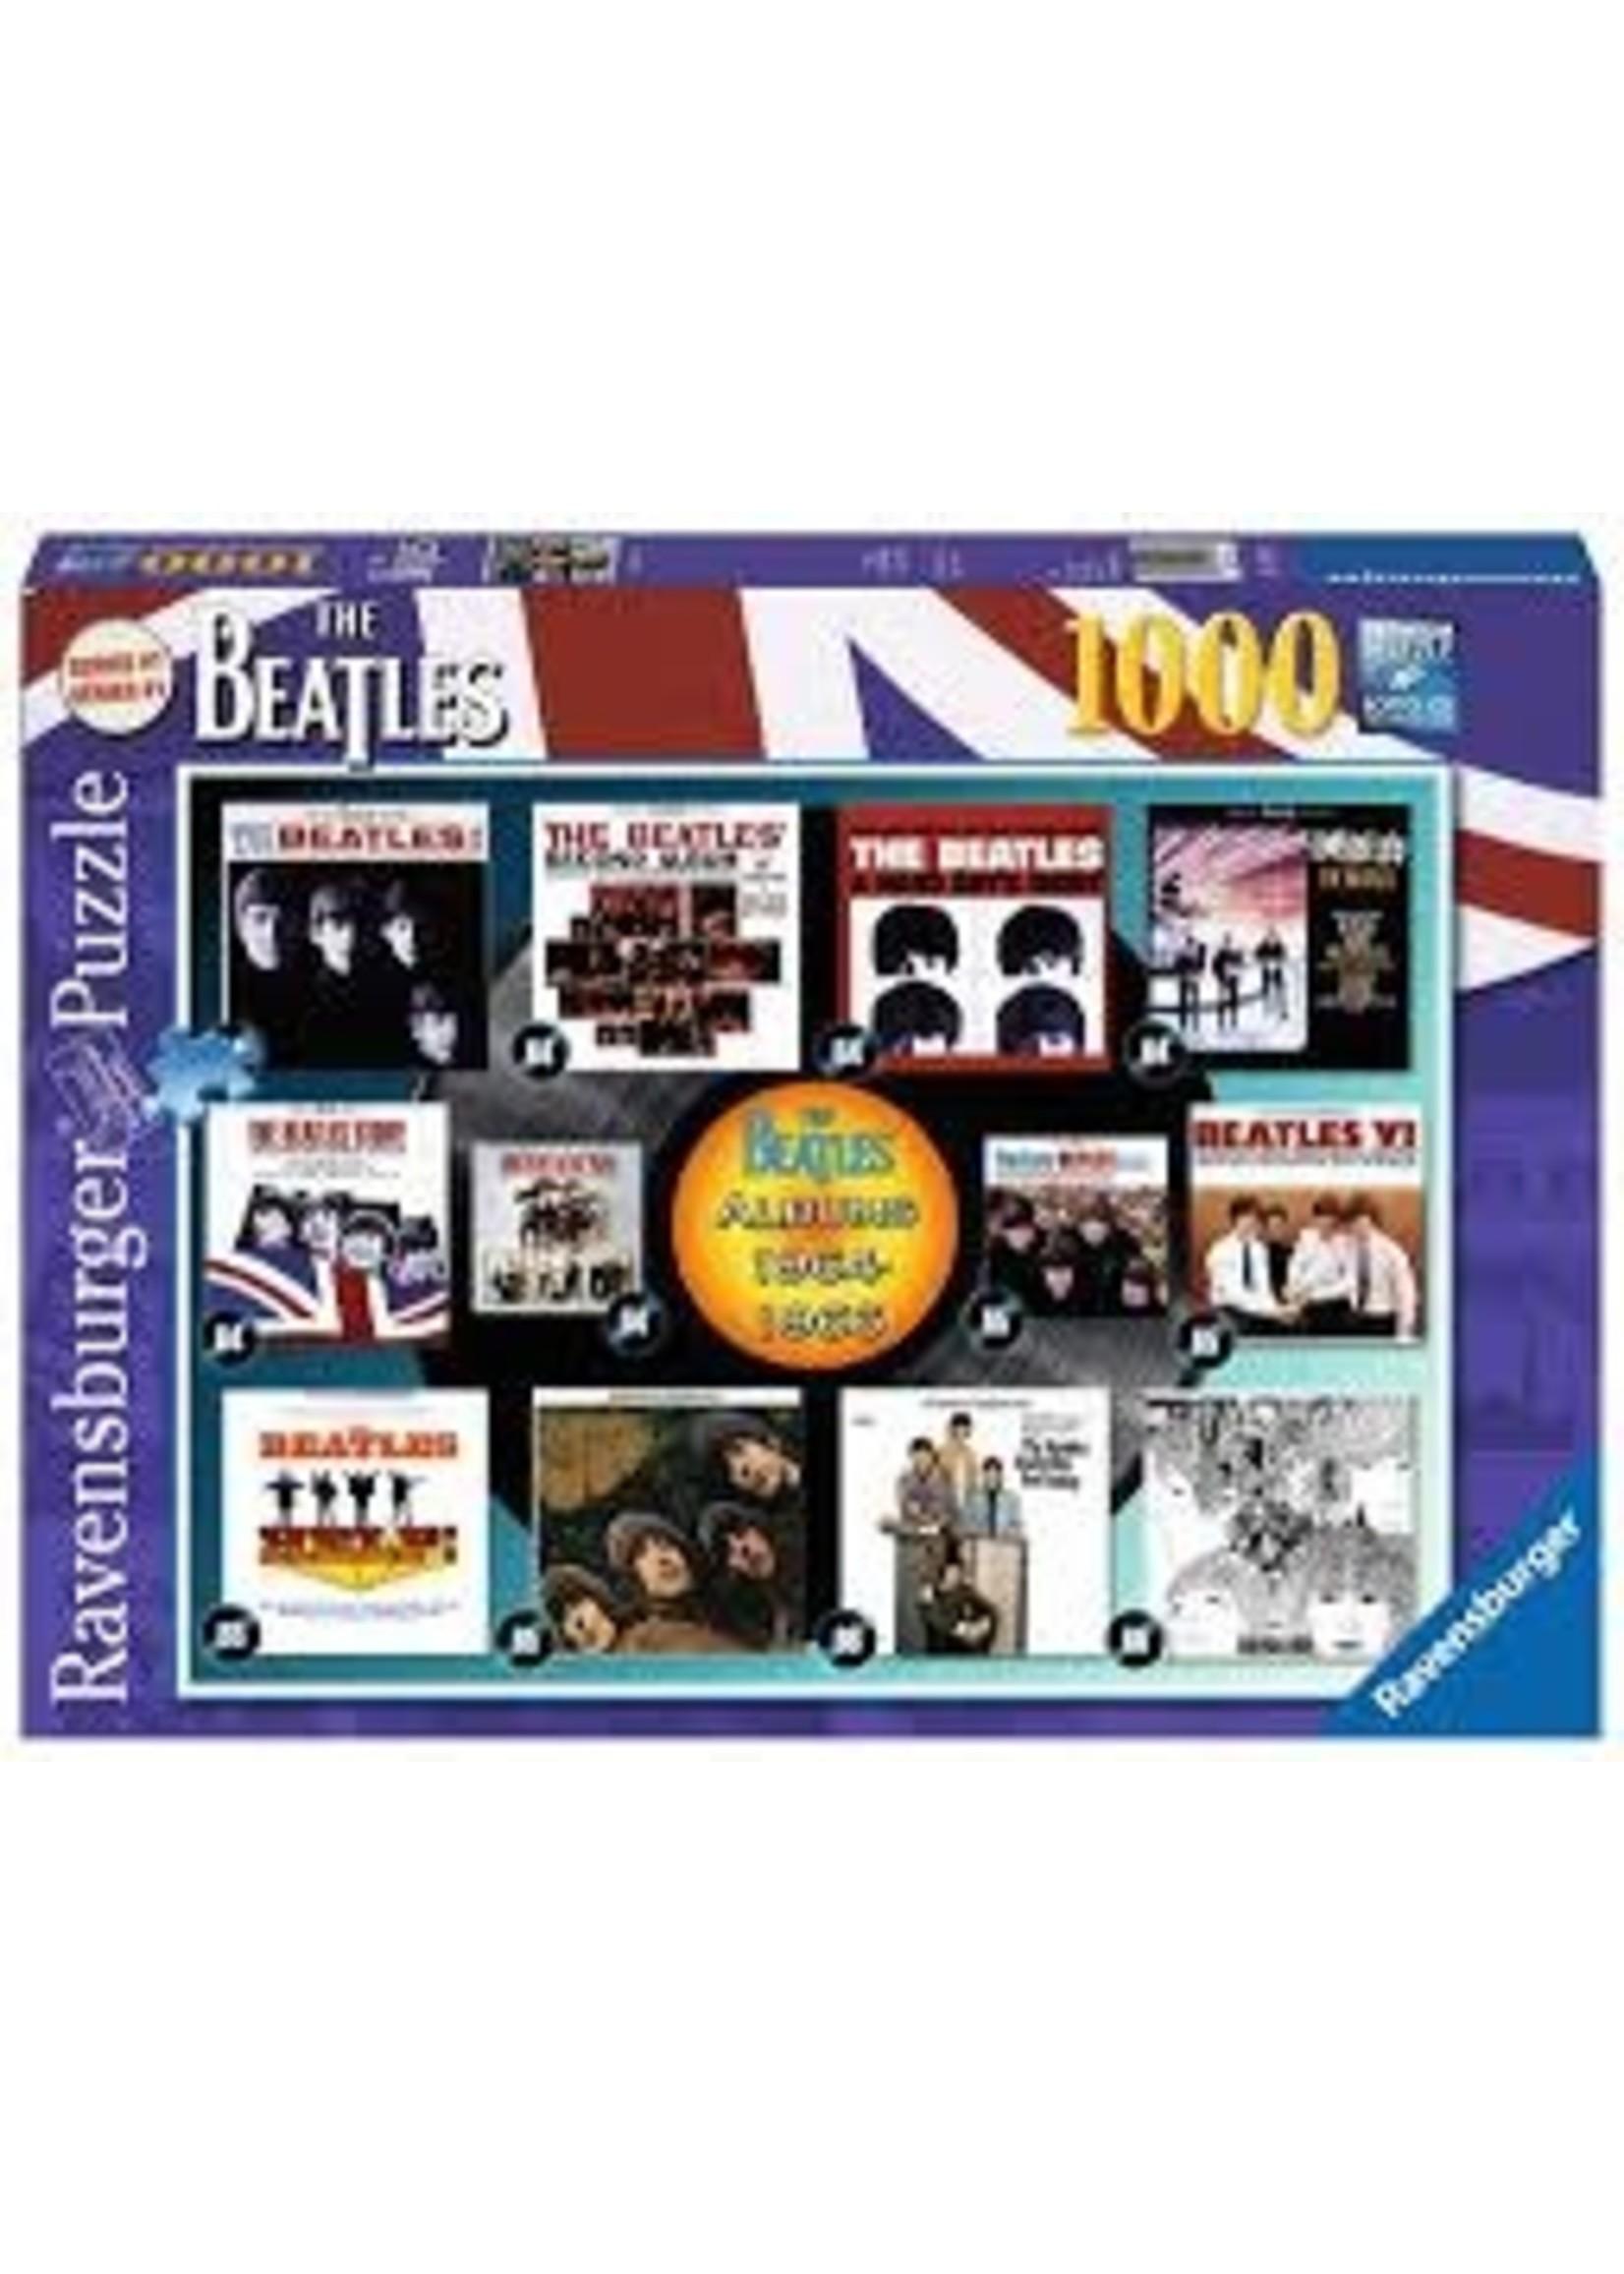 Ravensburger 1000pc puzzle The Beatles Albums 1964 - 66